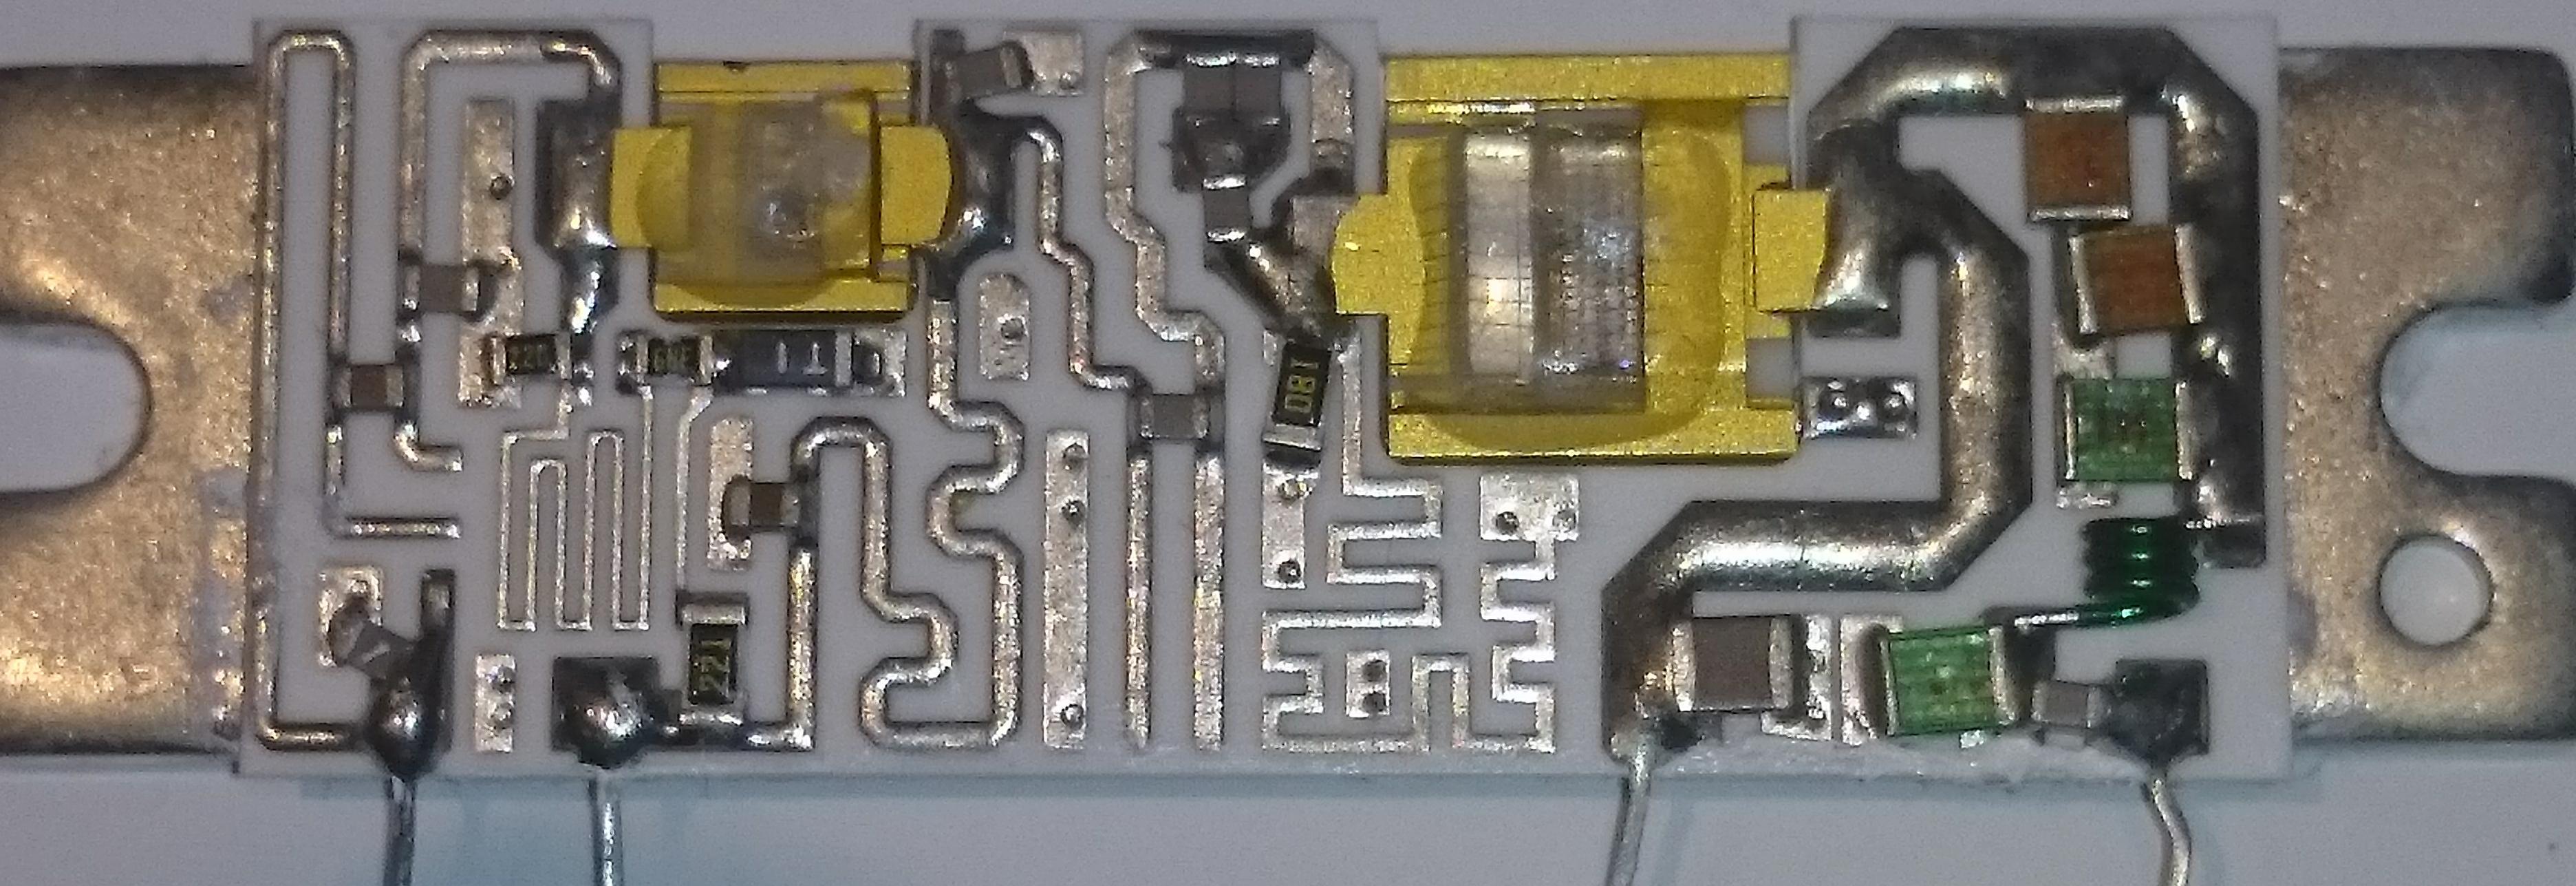 Kenwood TM733 : Problème de puissance ( faible, inexistante ou disparaissant en quelques secondes ) - Idem Alinco DR605 07-hybride-08